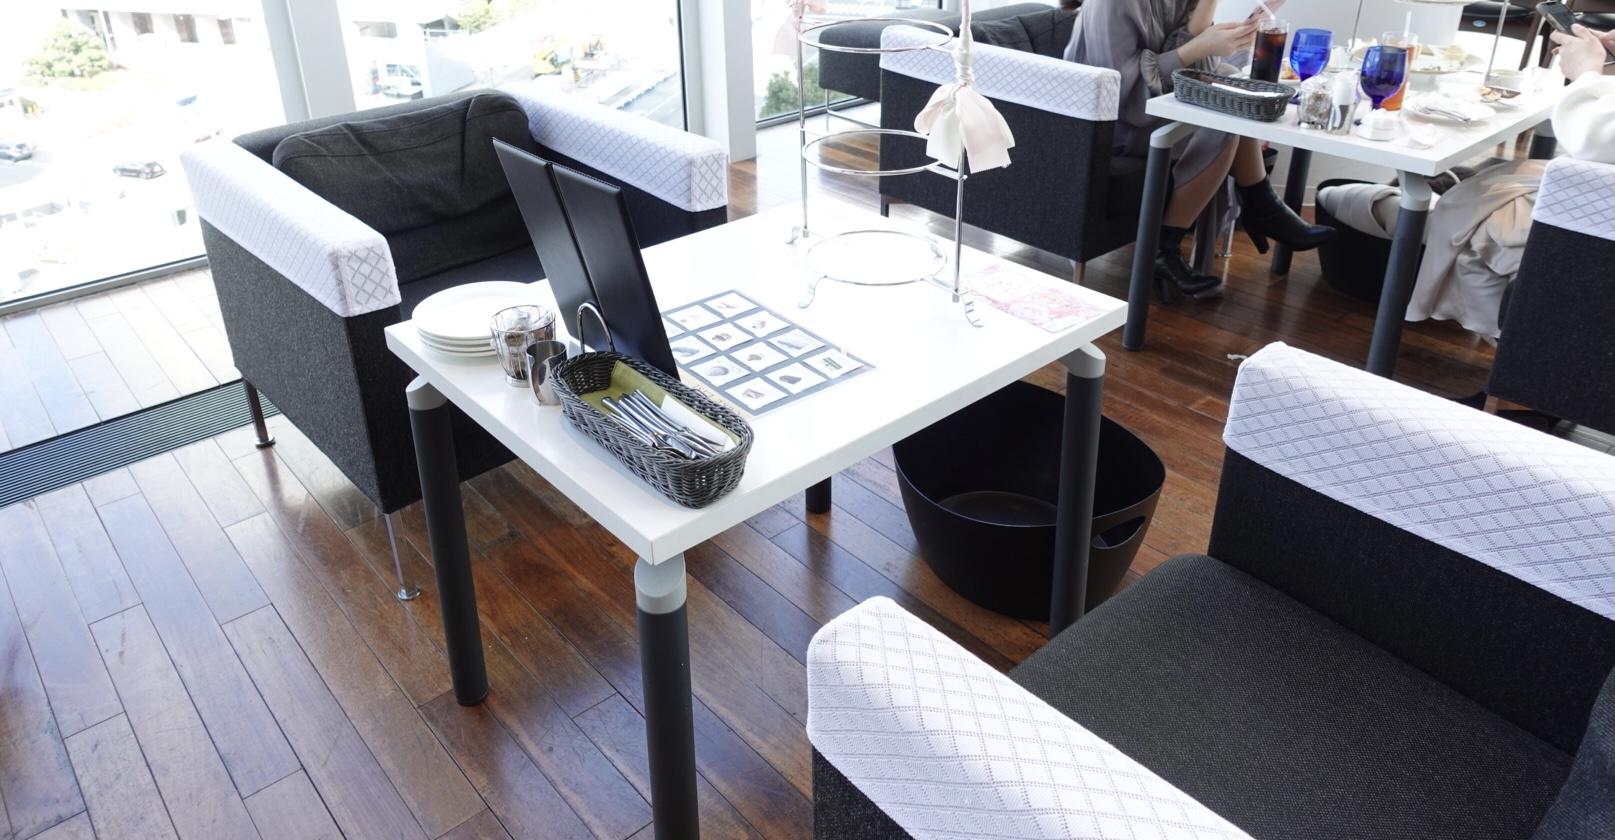 ドラマ半沢直樹のロケ地!?大阪にあるThe Grand Cafeでアフタヌーンティーをしたらとても眺望が良かった!甘いものばかりではないので男性にもおすすめ★_8